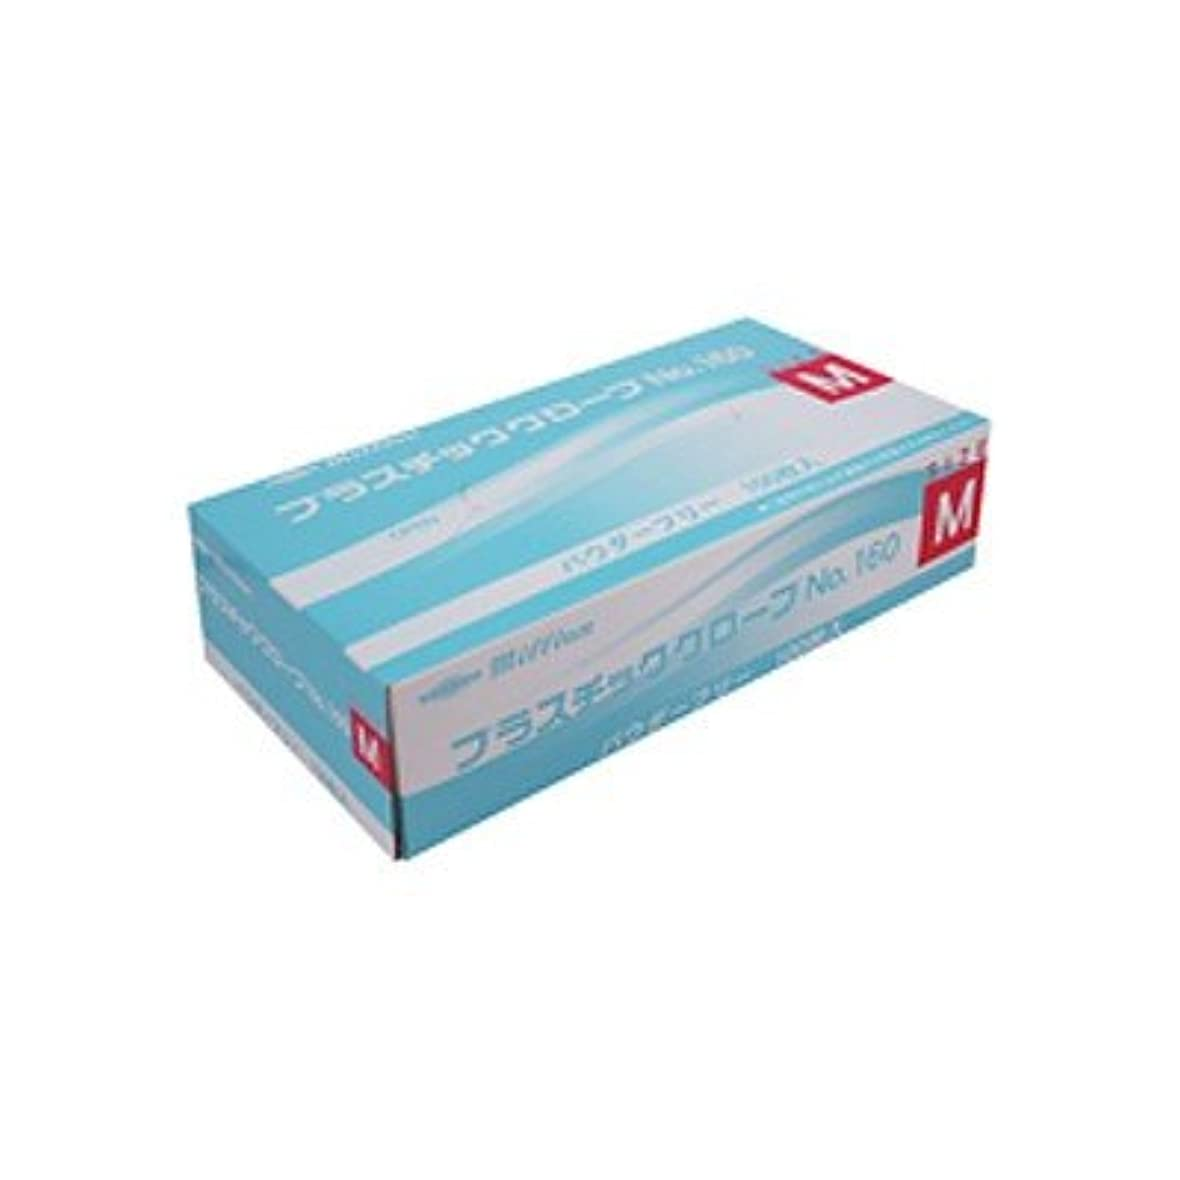 クレジット吸収する打ち上げるミリオン プラスチック手袋 粉無 No.160 M 品番:LH-160-M 注文番号:62741606 メーカー:共和